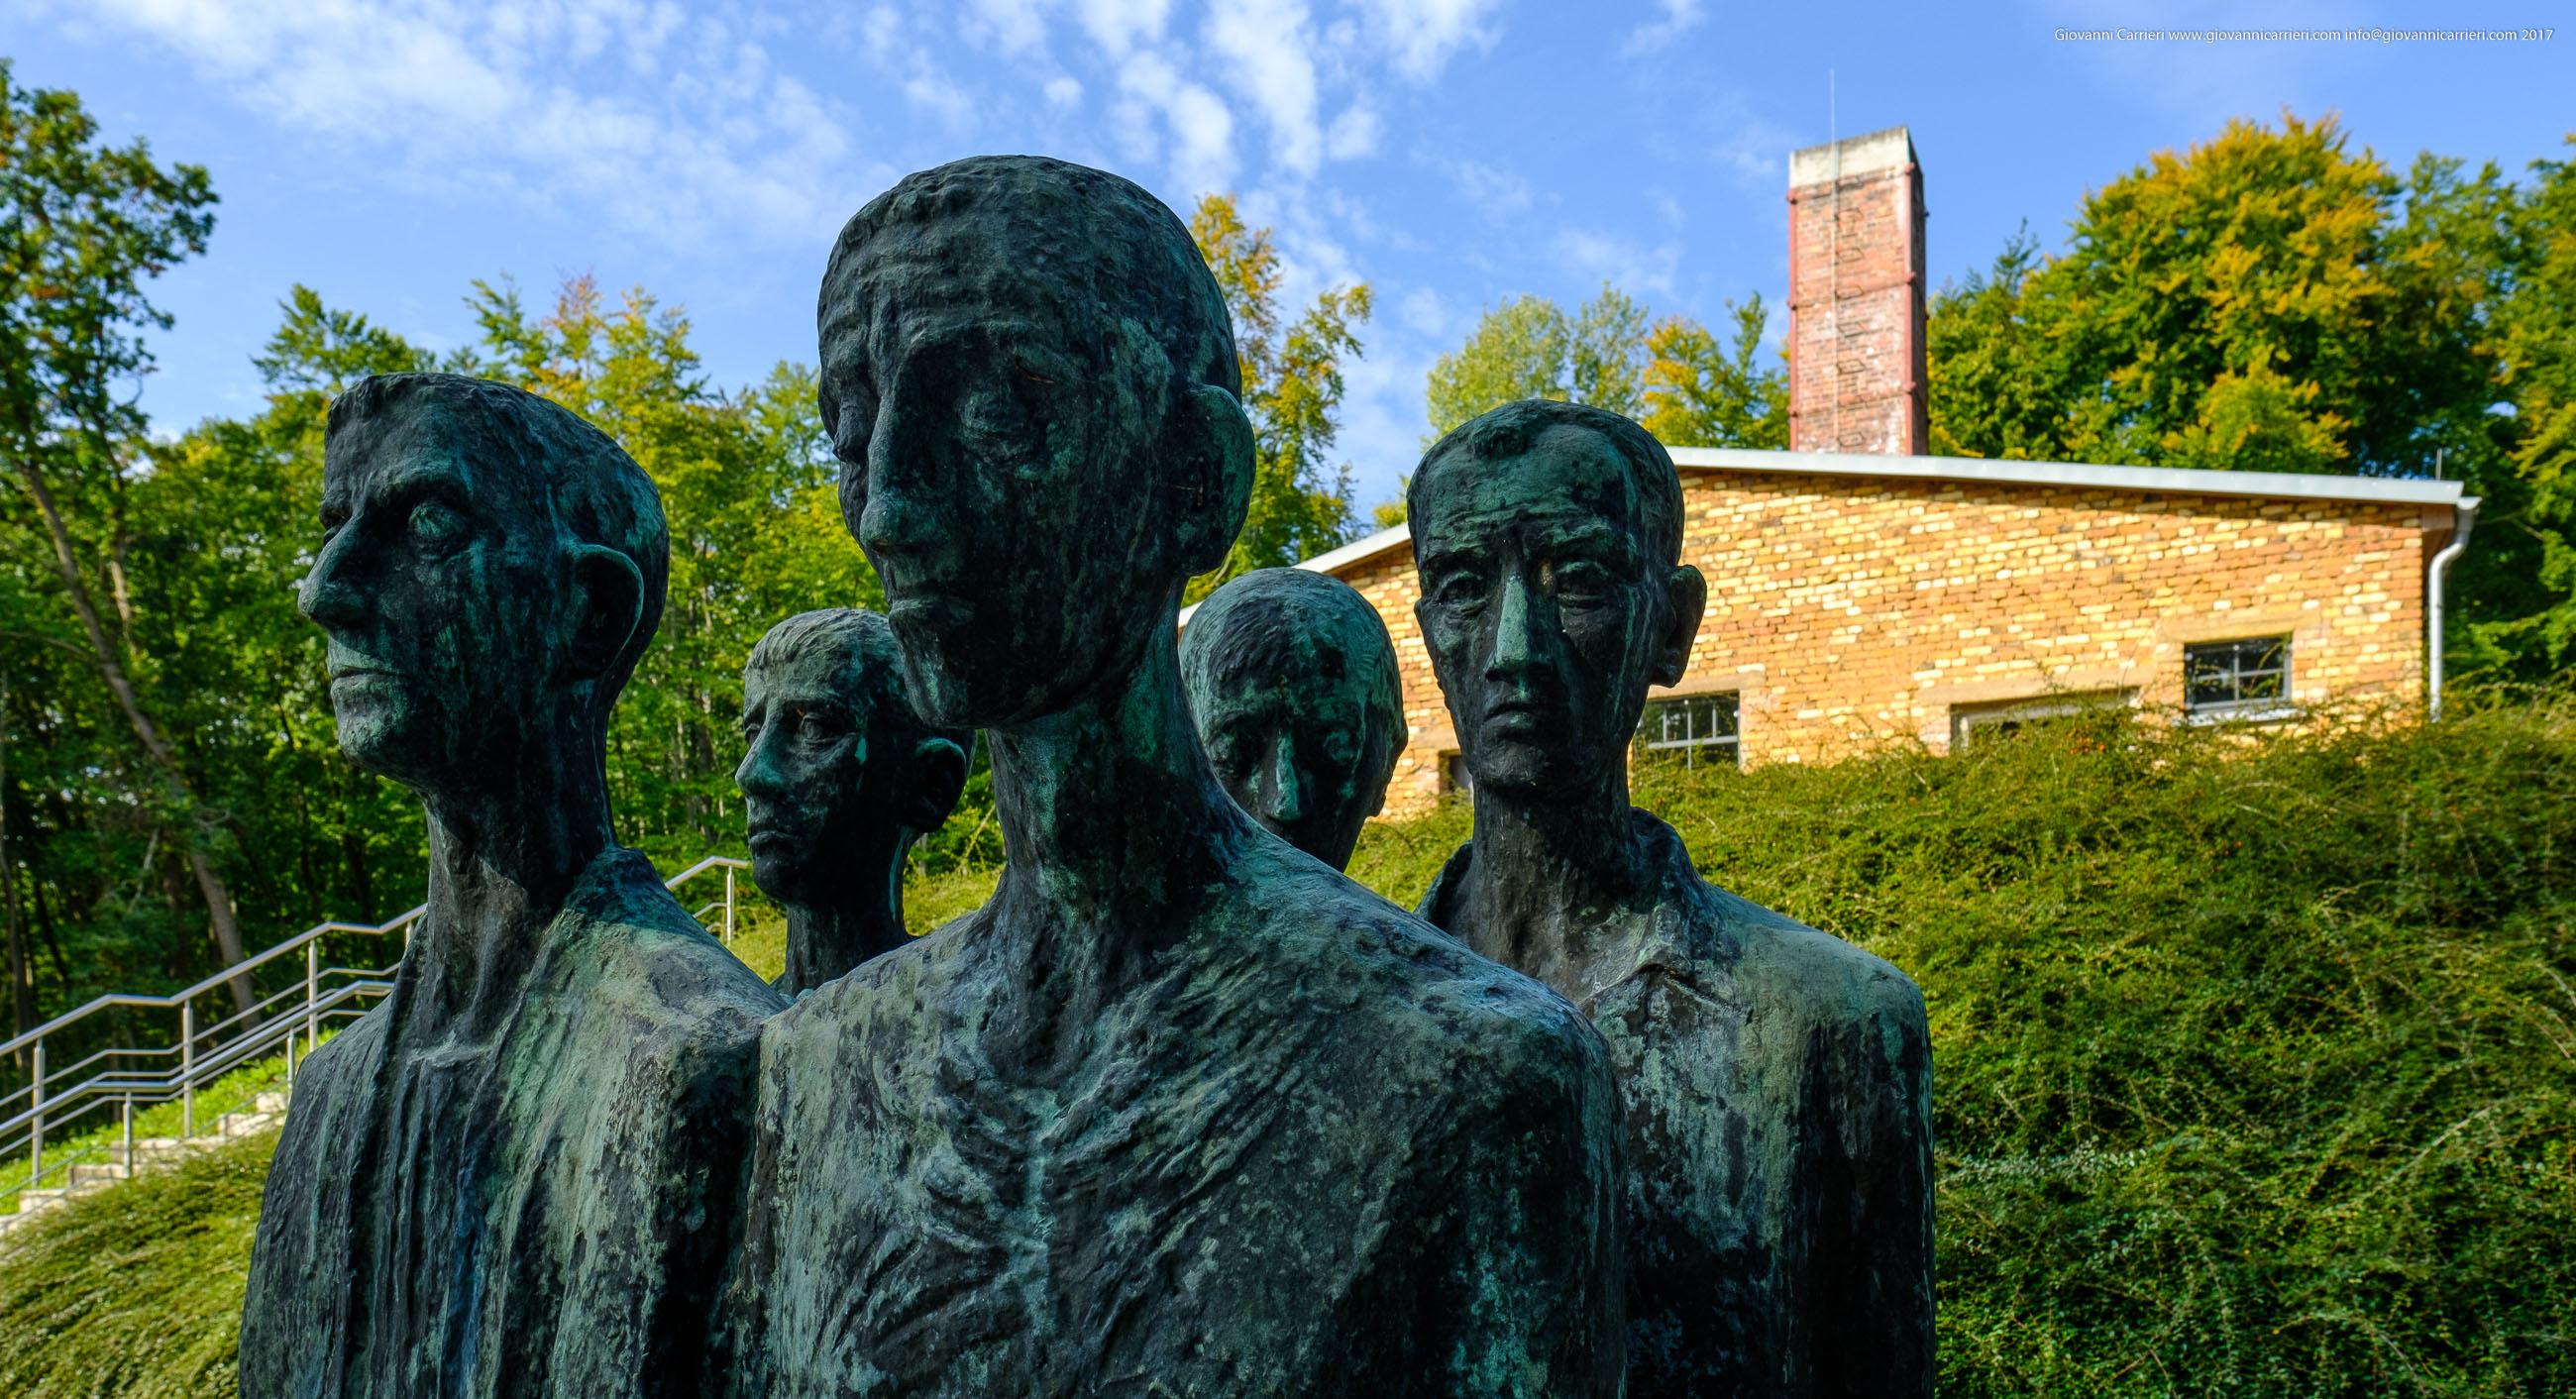 Monumento ai prigionieri posto esternamente al crematorio di Mittelbau-Dora